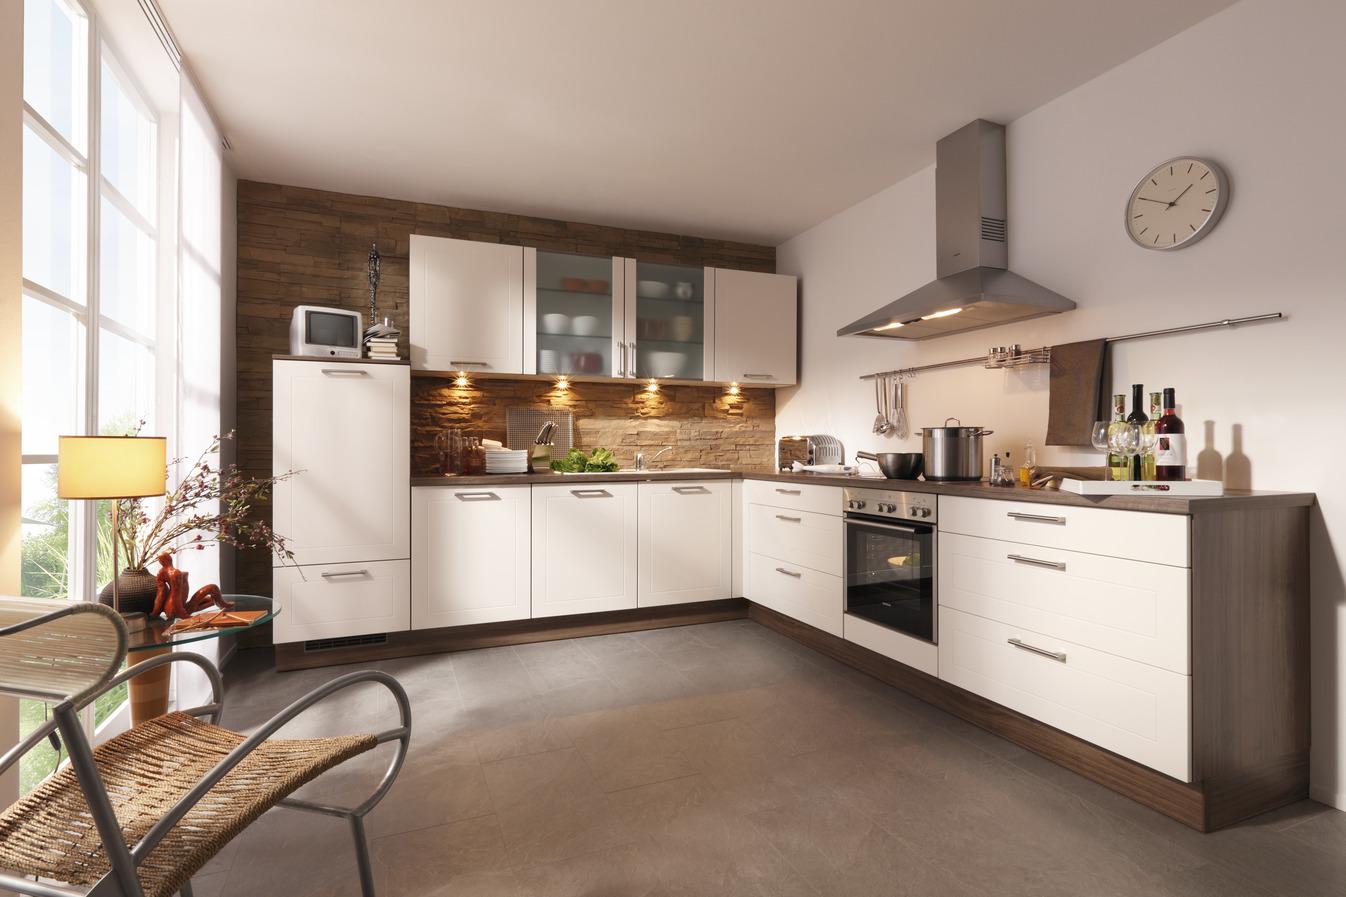 gro e k che in l form. Black Bedroom Furniture Sets. Home Design Ideas